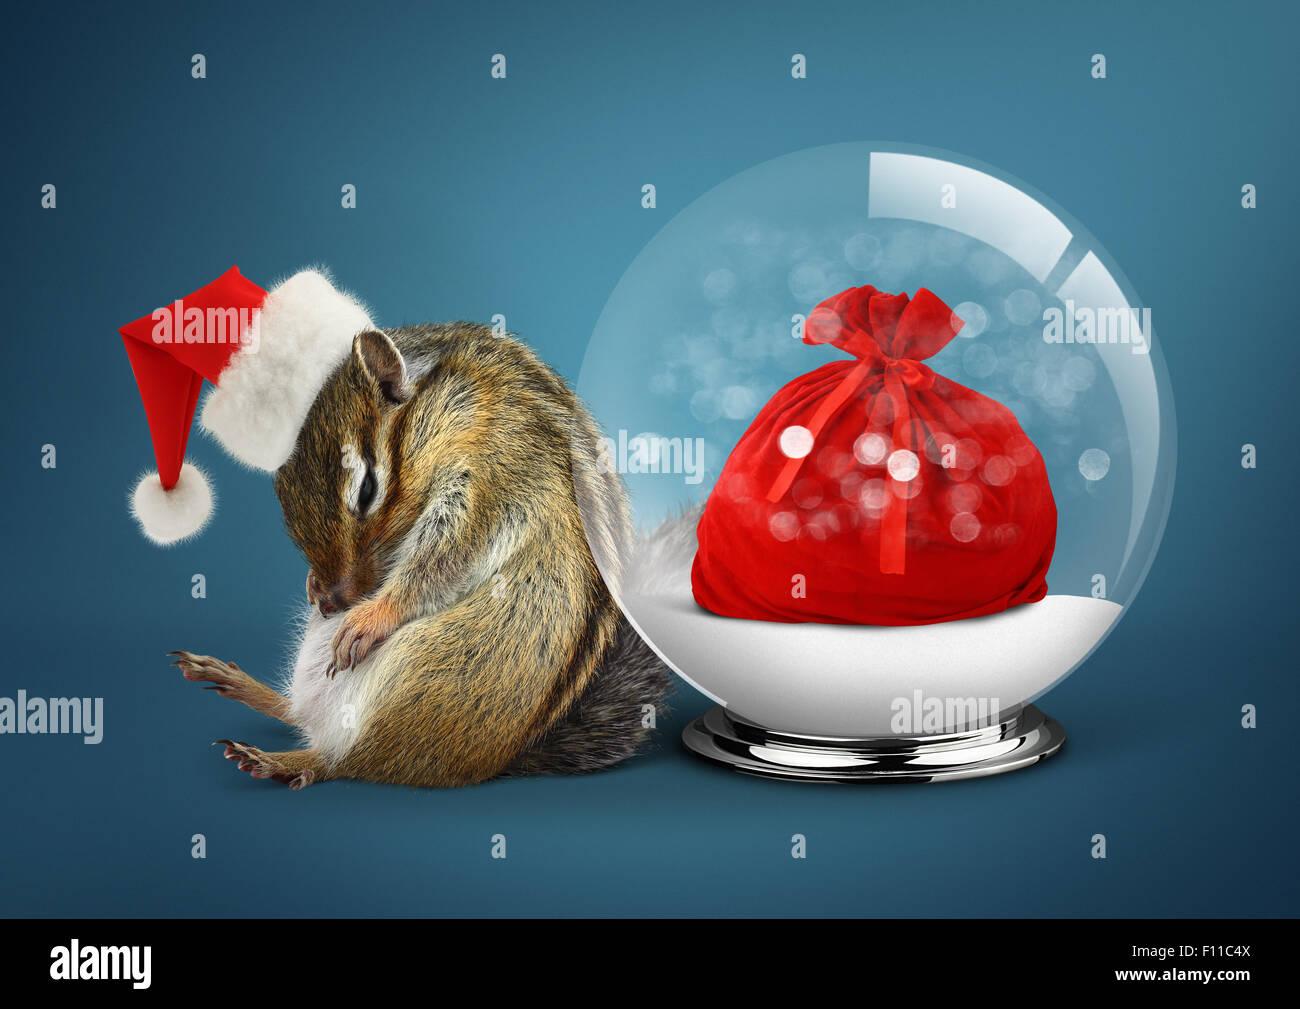 Lustige Tier Streifenhörnchen Als Weihnachtsmann Verkleidet Mit